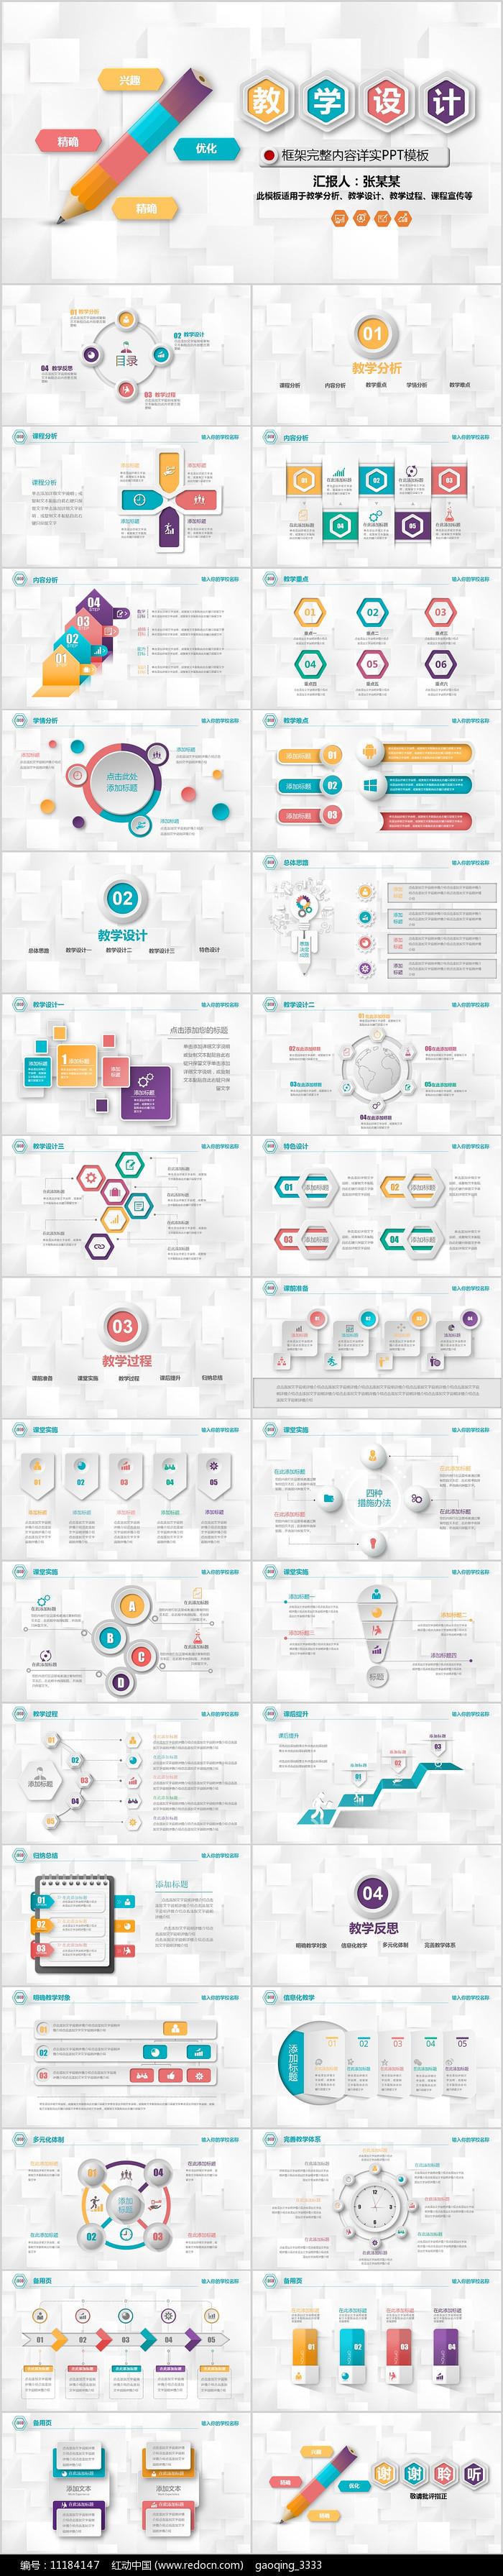 教育公开课教学设计教师说课PPT模板图片